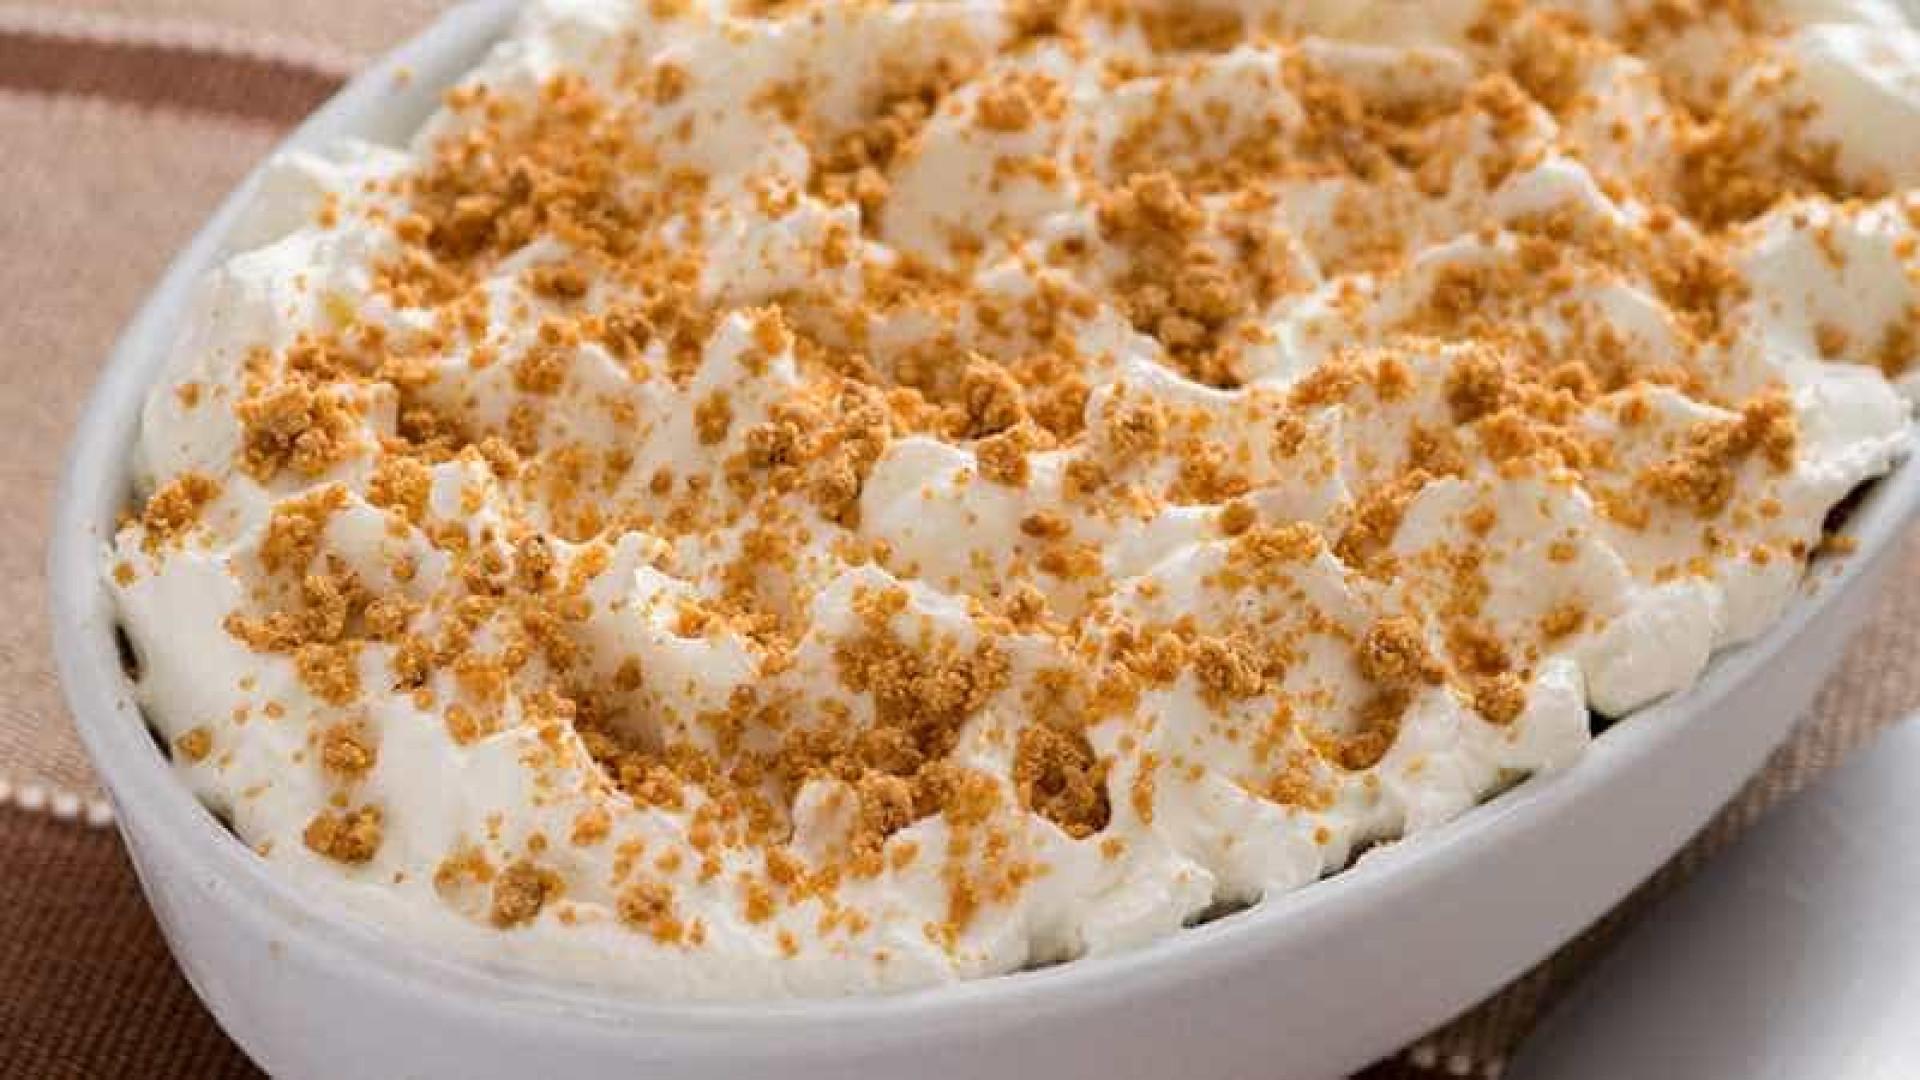 Paçoca gelada é a mais nova versão do adorado doce brasileiro; receita